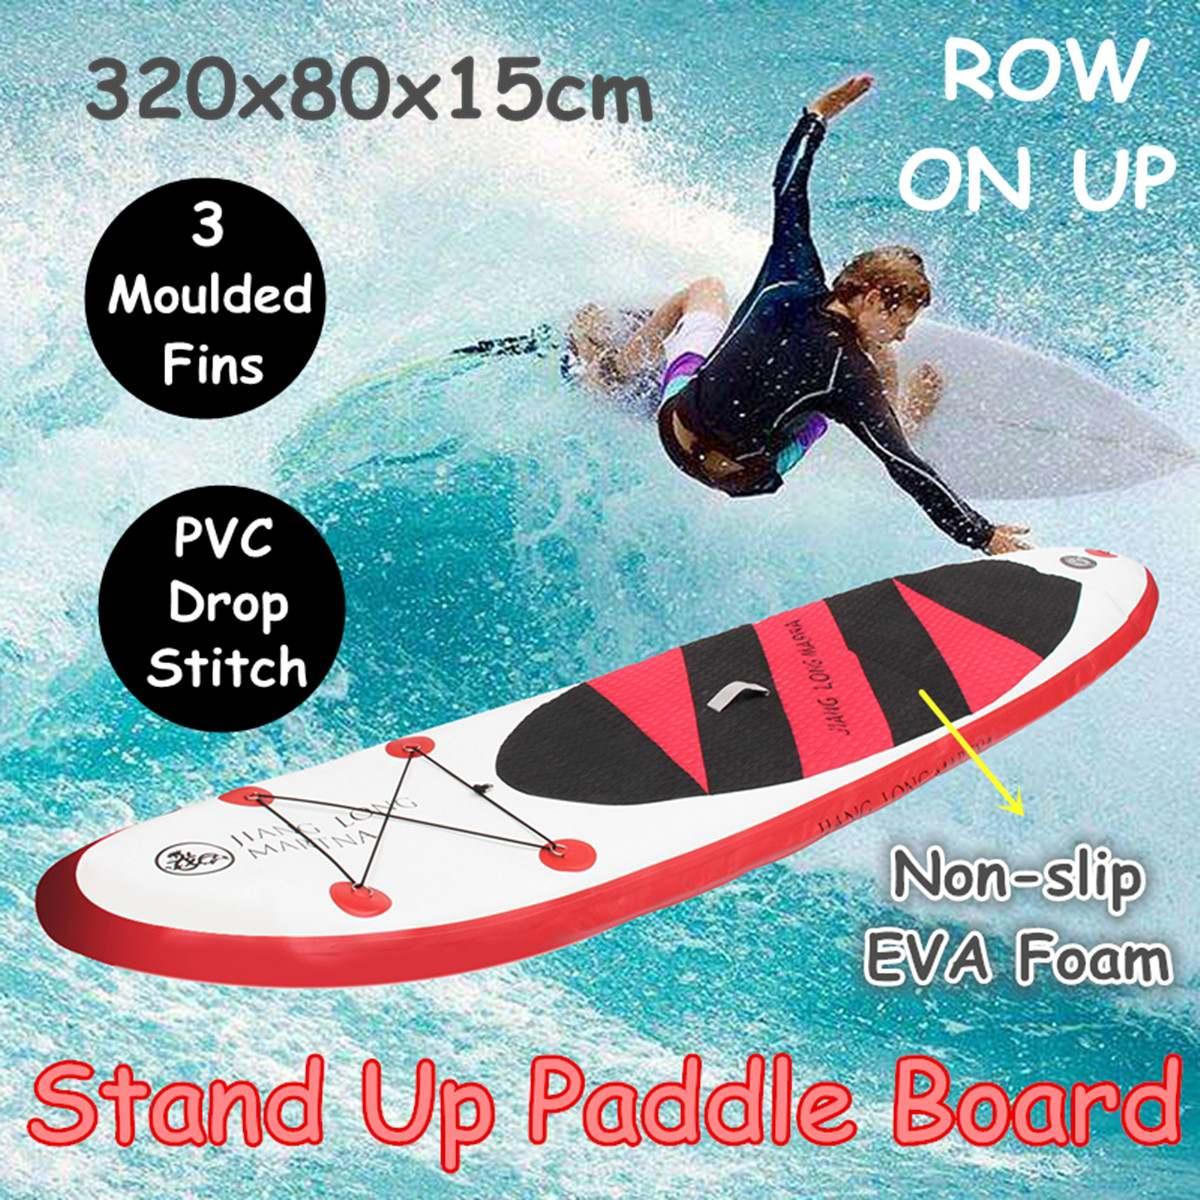 320x80x15 cm pvc gonflable stand up Paddle Conseil Exercice Formation Planche De Surf Paddle Board D'eau Sport conseil sup Avec pompe manuelle